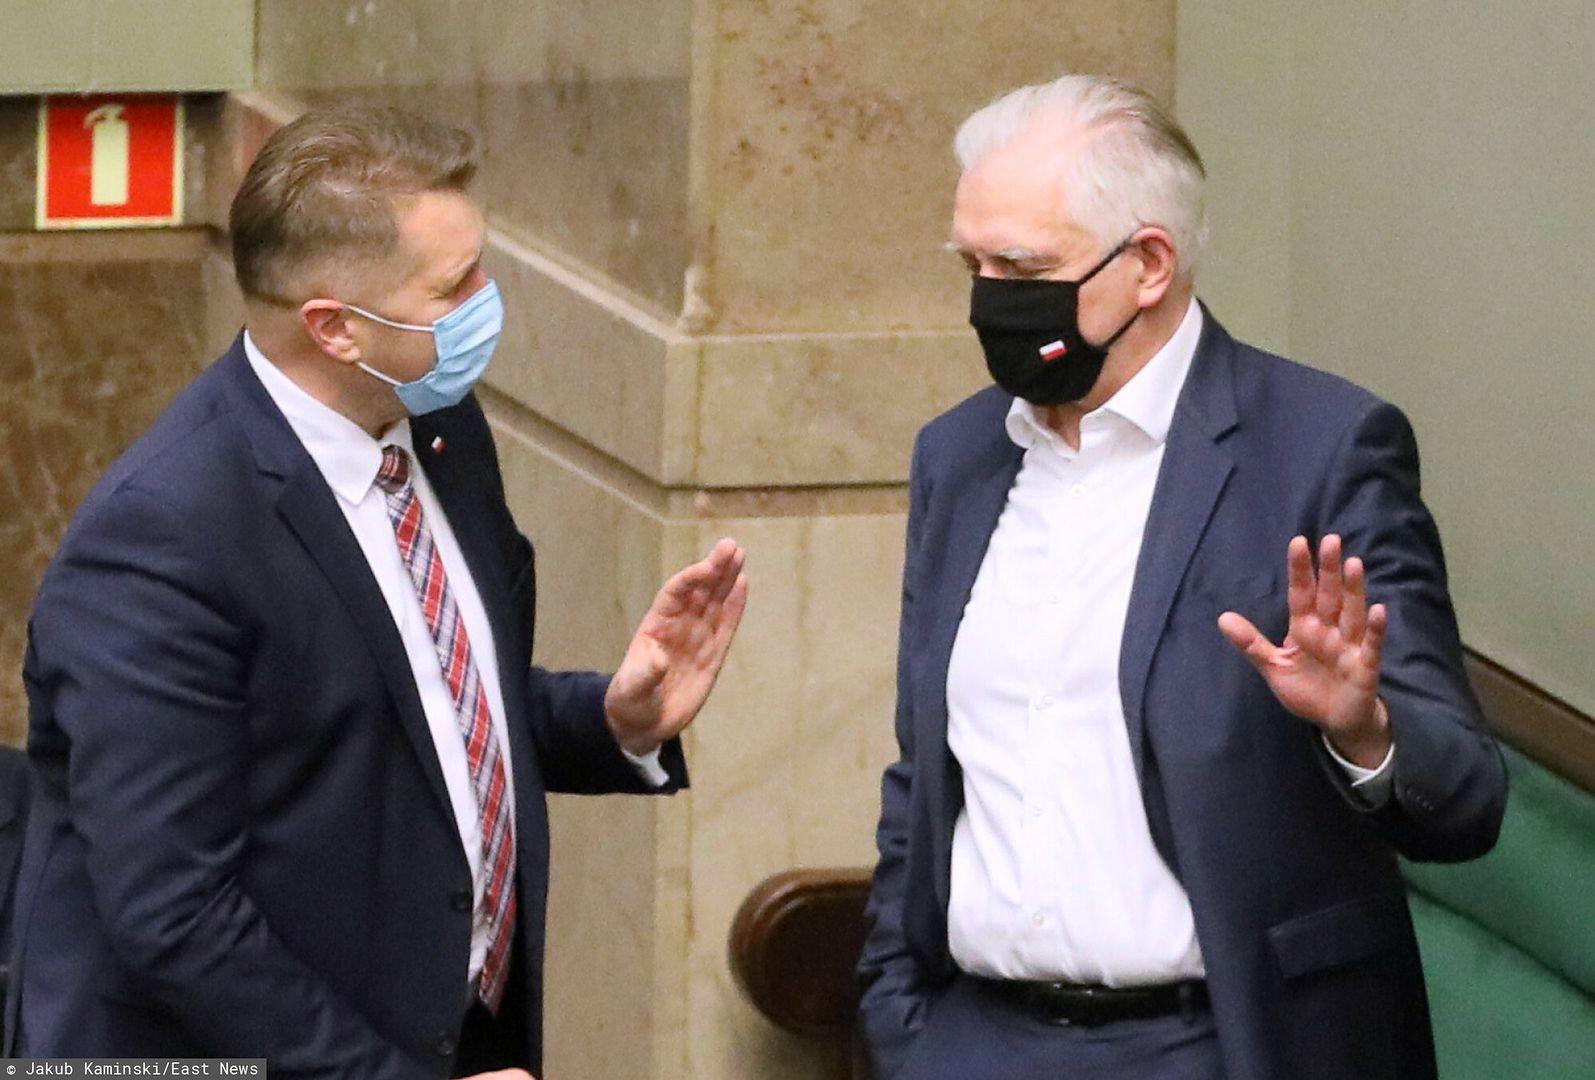 Porozumienie broniło Czarnka razem z PiS. Wróciło słynne powiedzenie